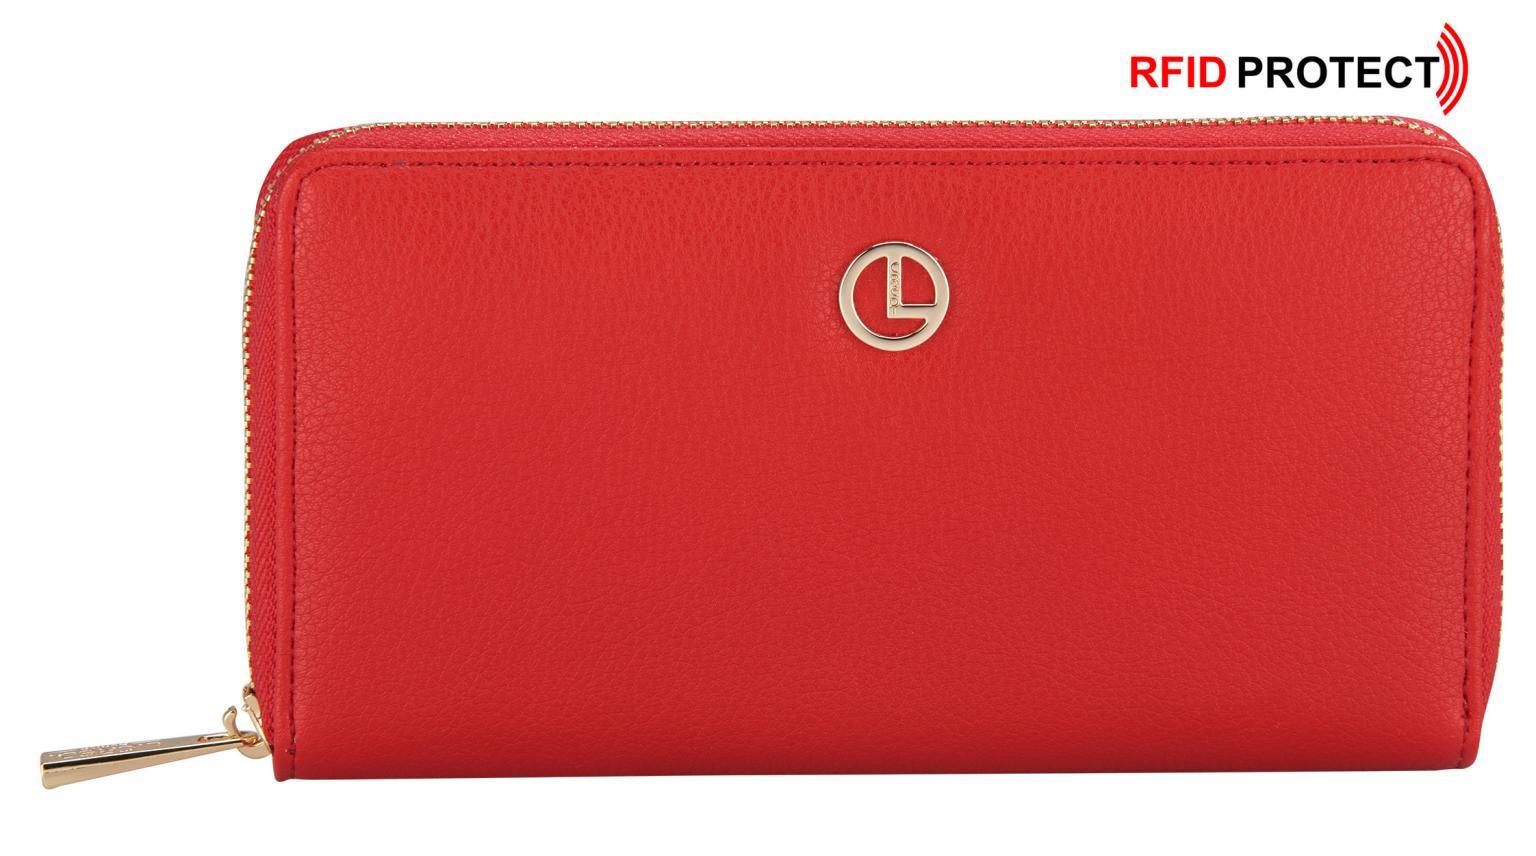 dcee06428cd76 Geldbörse mit RFID-Schutz L.Credi Munich Cassandra rot Damen - Bags ...